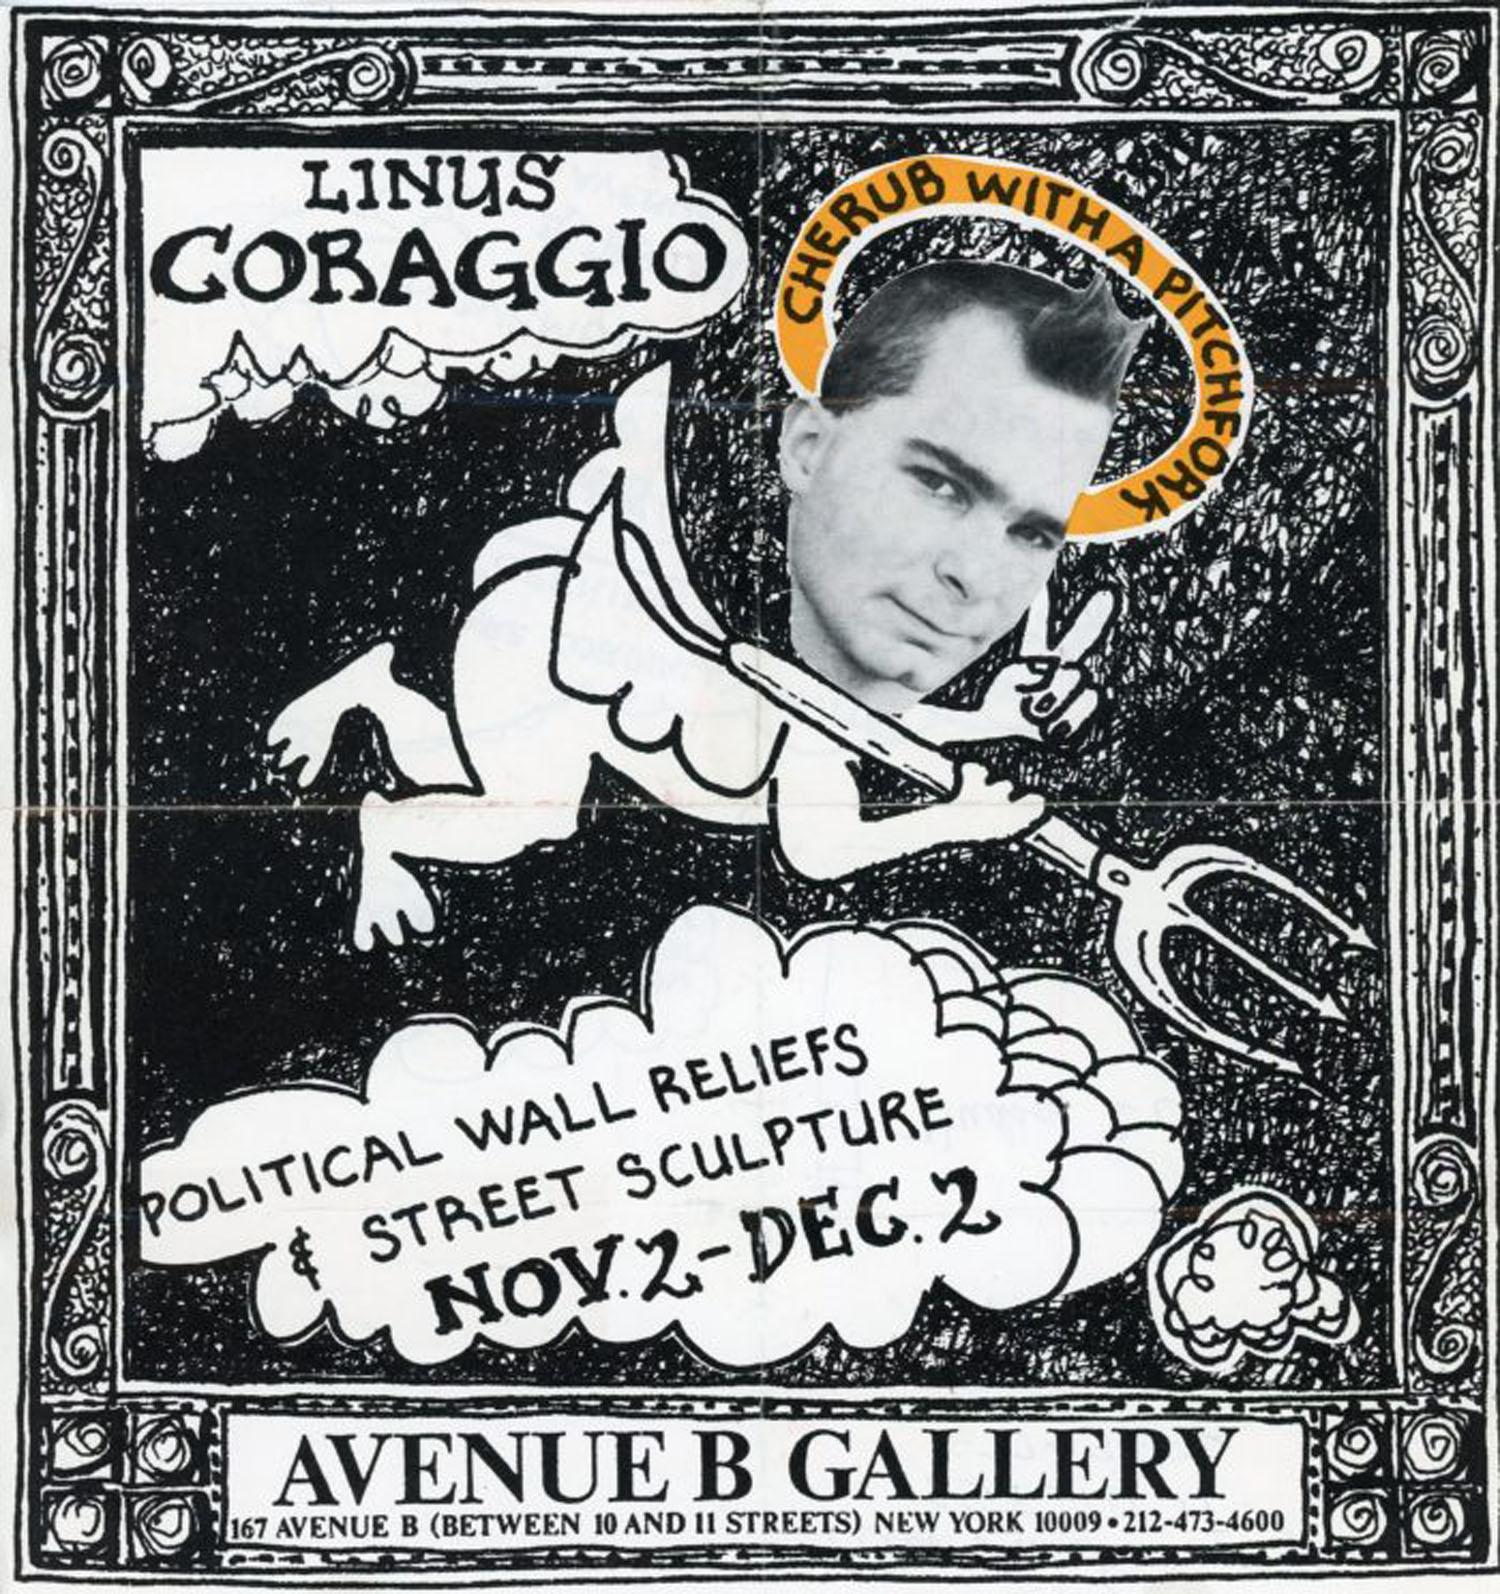 Avenue B Gallery, Linus Coraggio, Cherub With A Pitchfork, Card, 1984